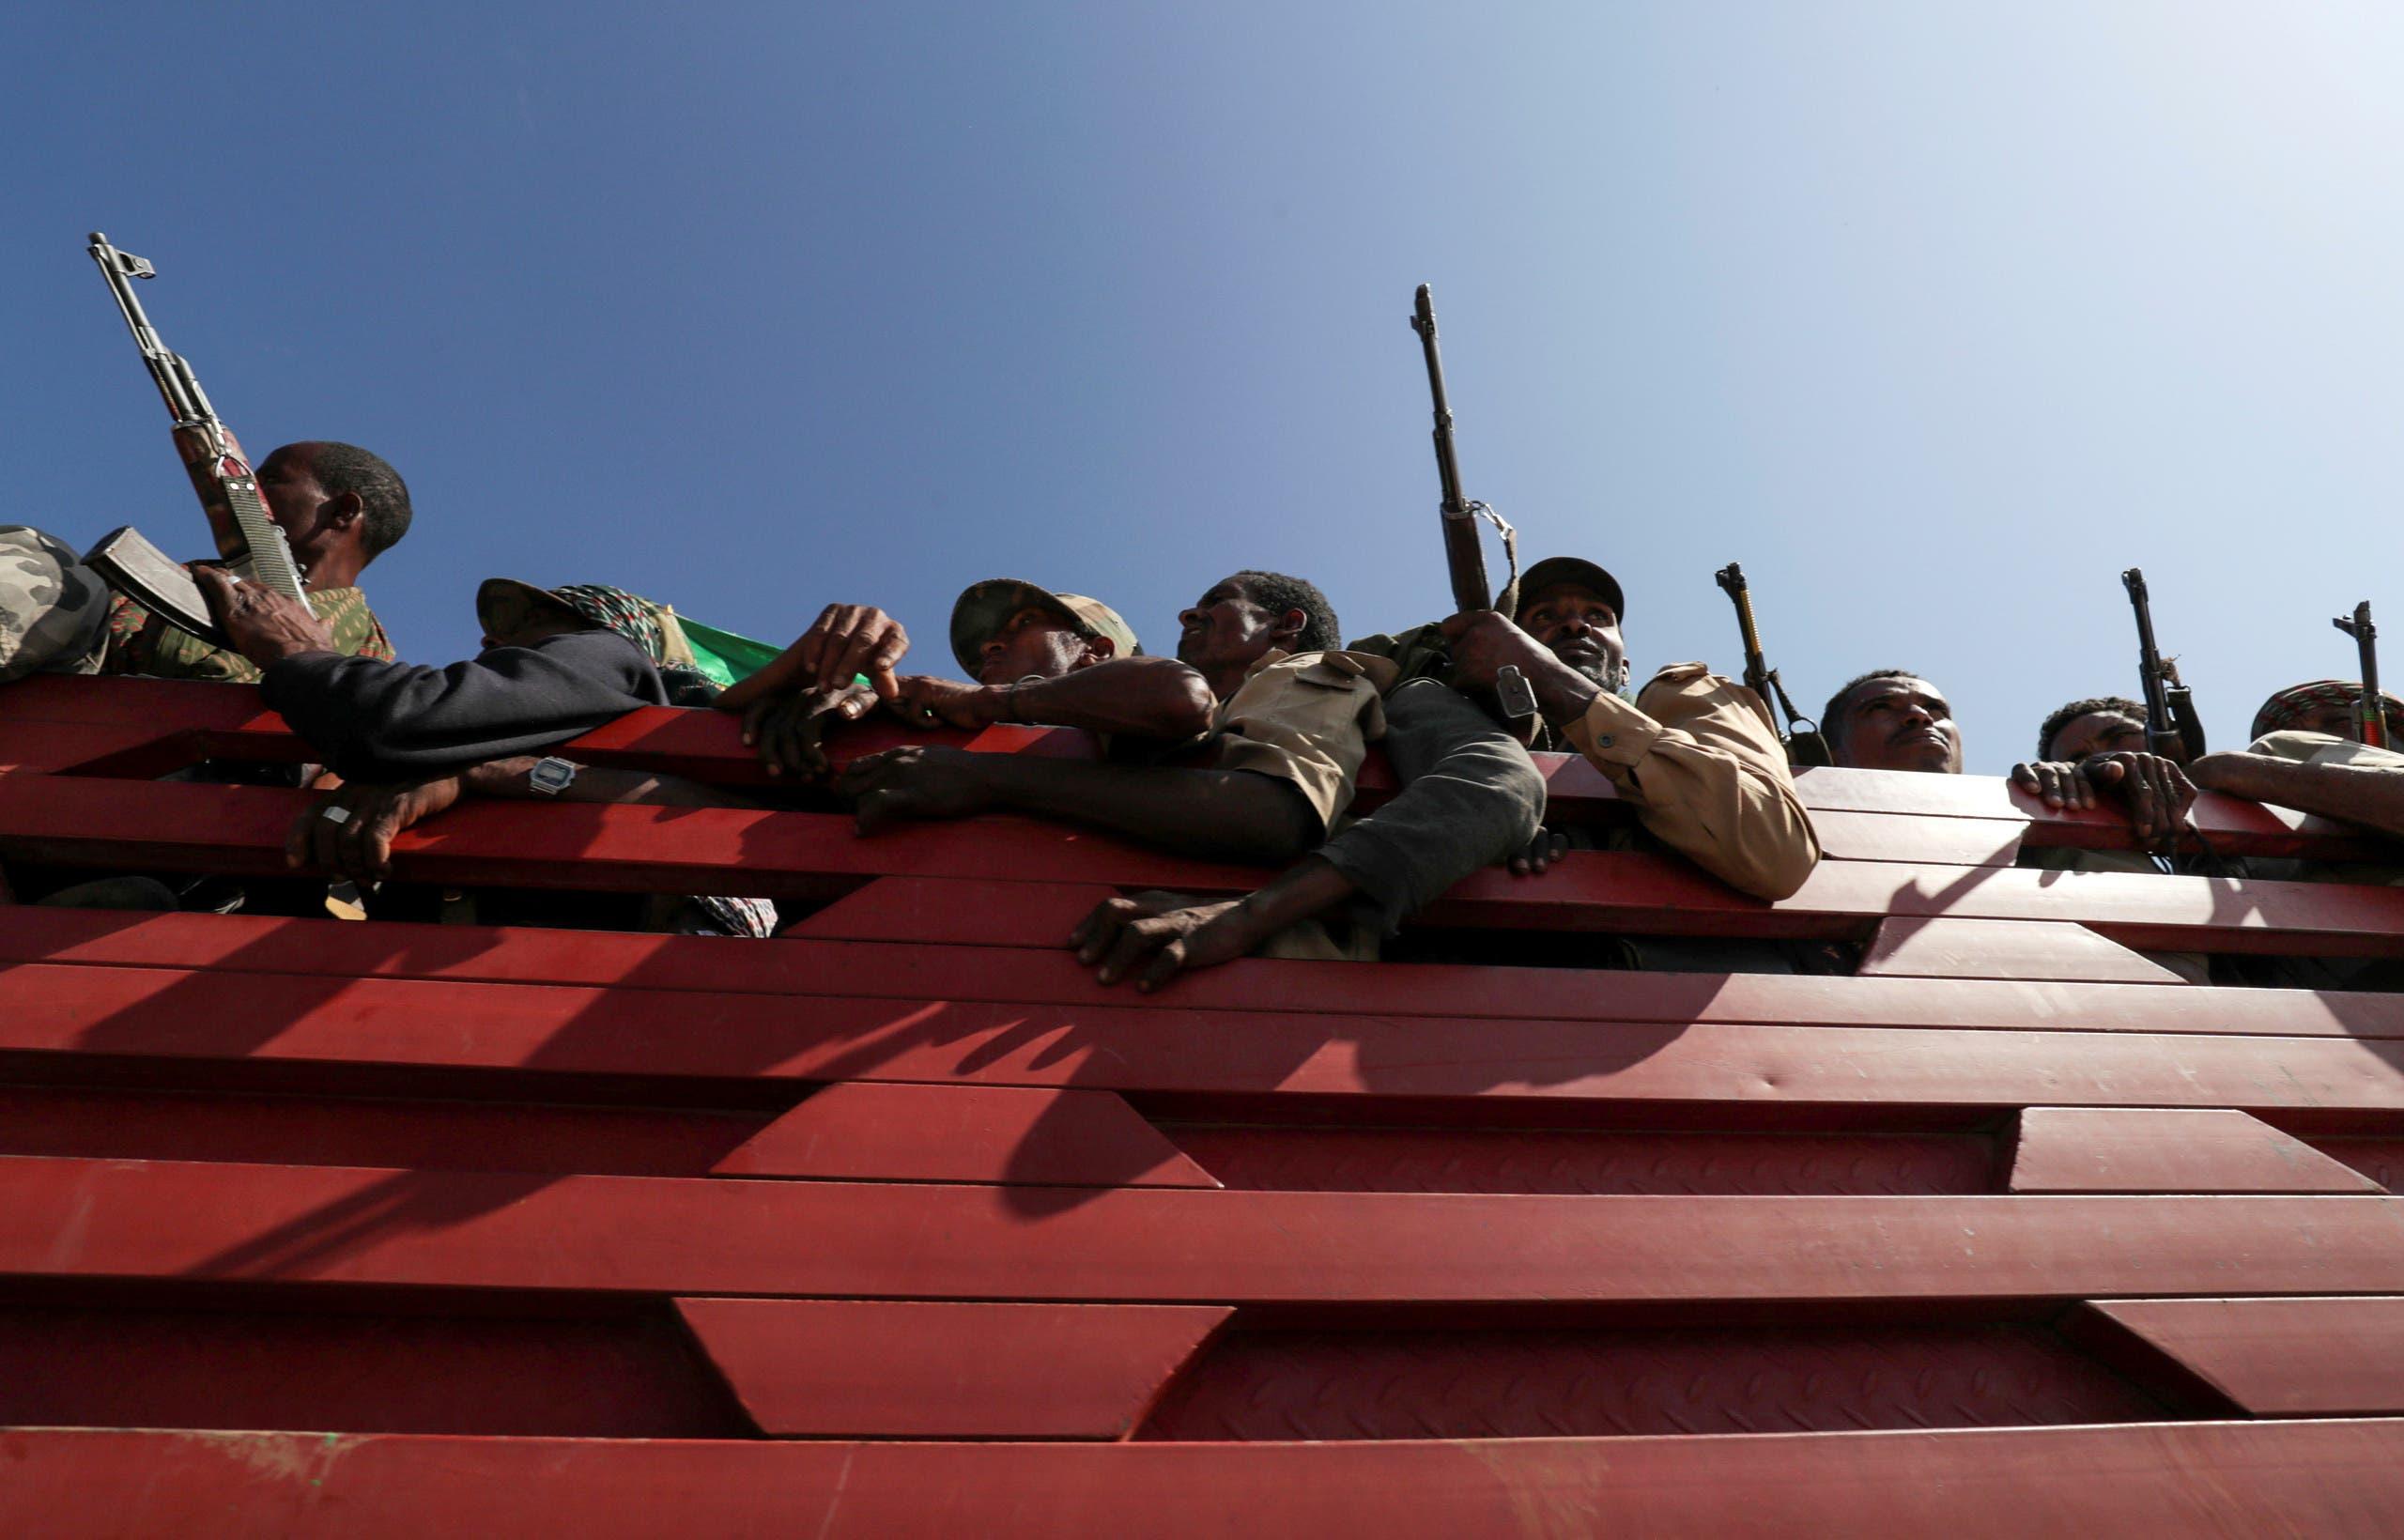 أفراد من قوات ولاية أمهرة الإثيوبية في طريقهم لمواجهة الجبهة الشعبية لتحرير تيغراي